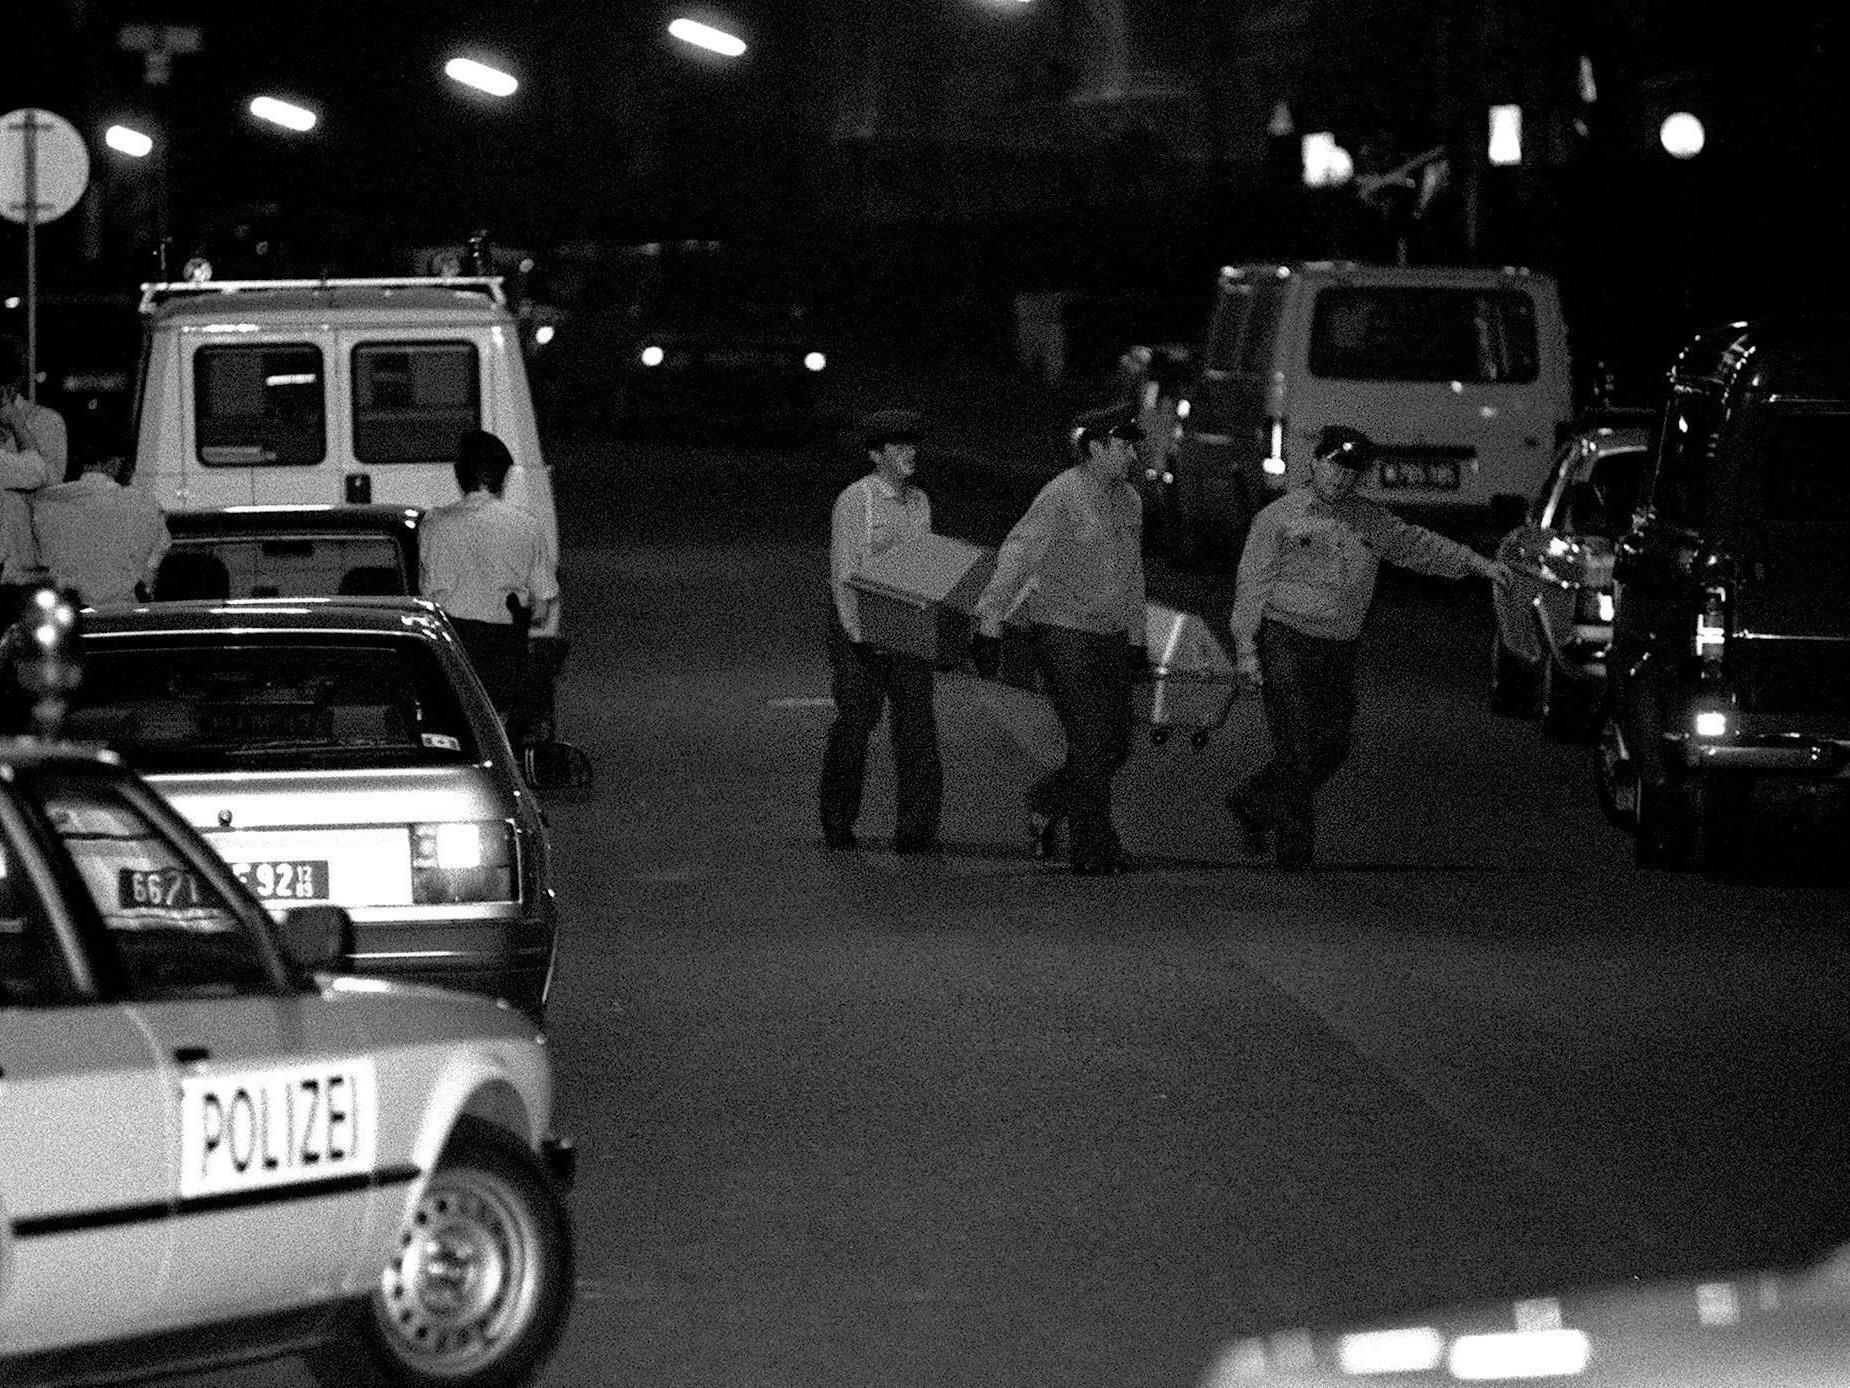 Die Wiener Kurdenmorde erschütterten vor 25 Jahren Österreich